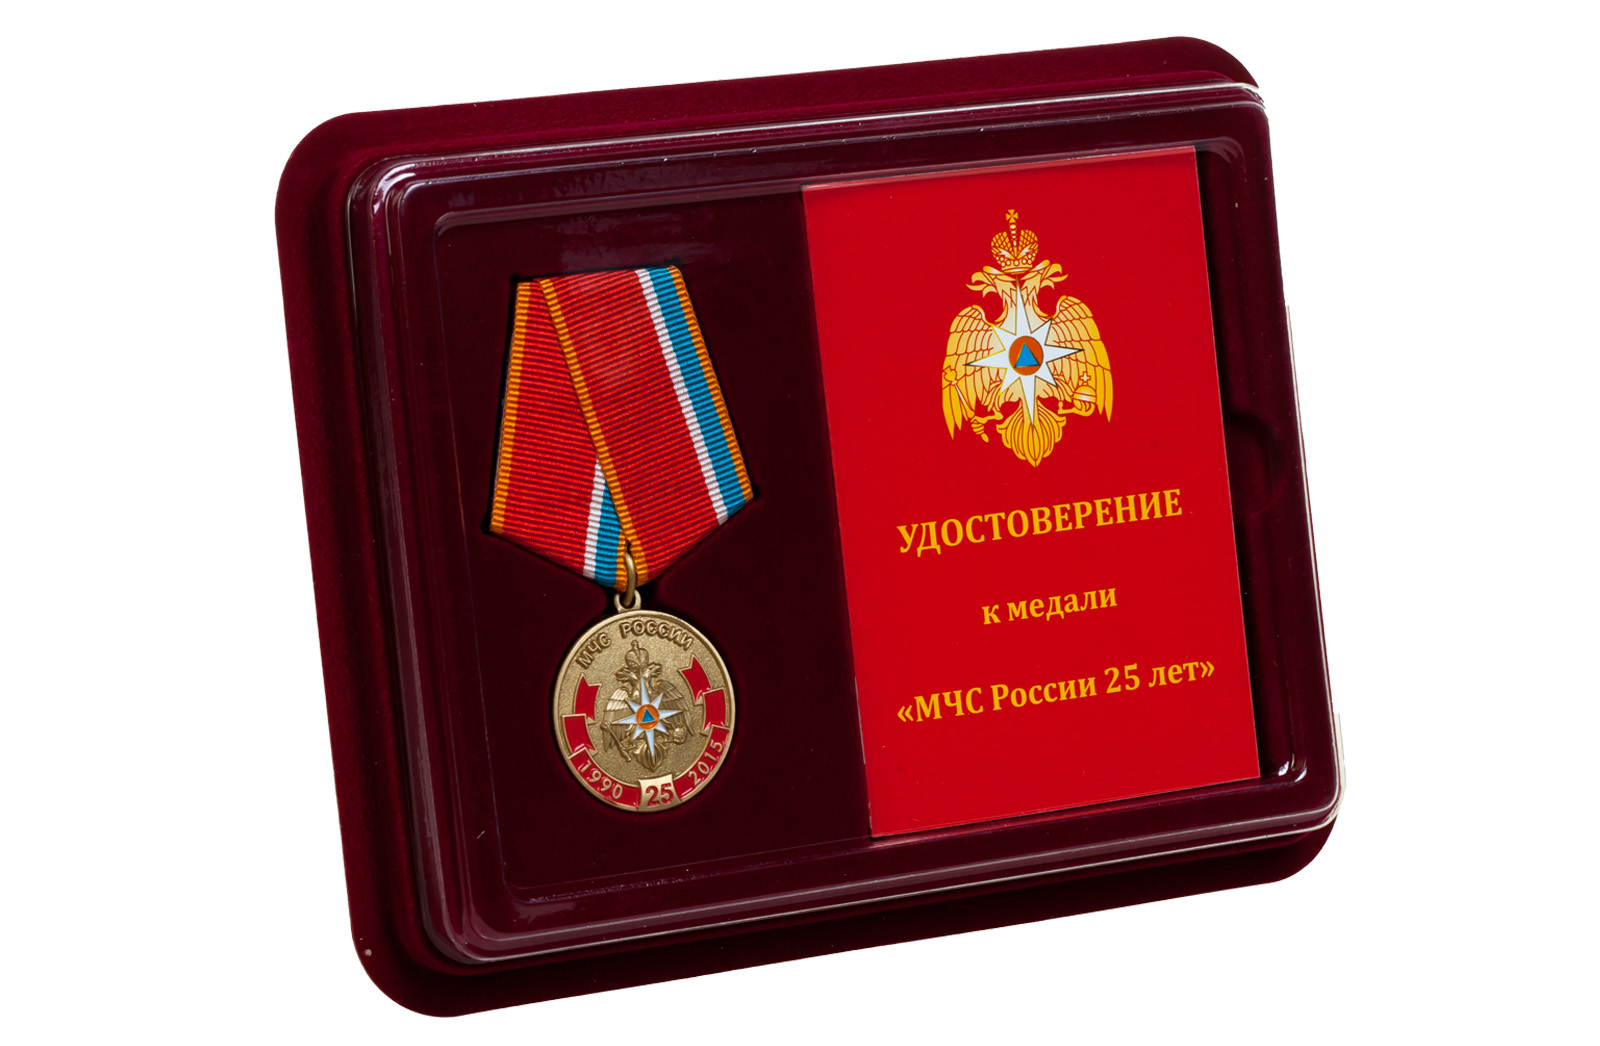 Купить памятную медаль 25 лет МЧС России в подарок